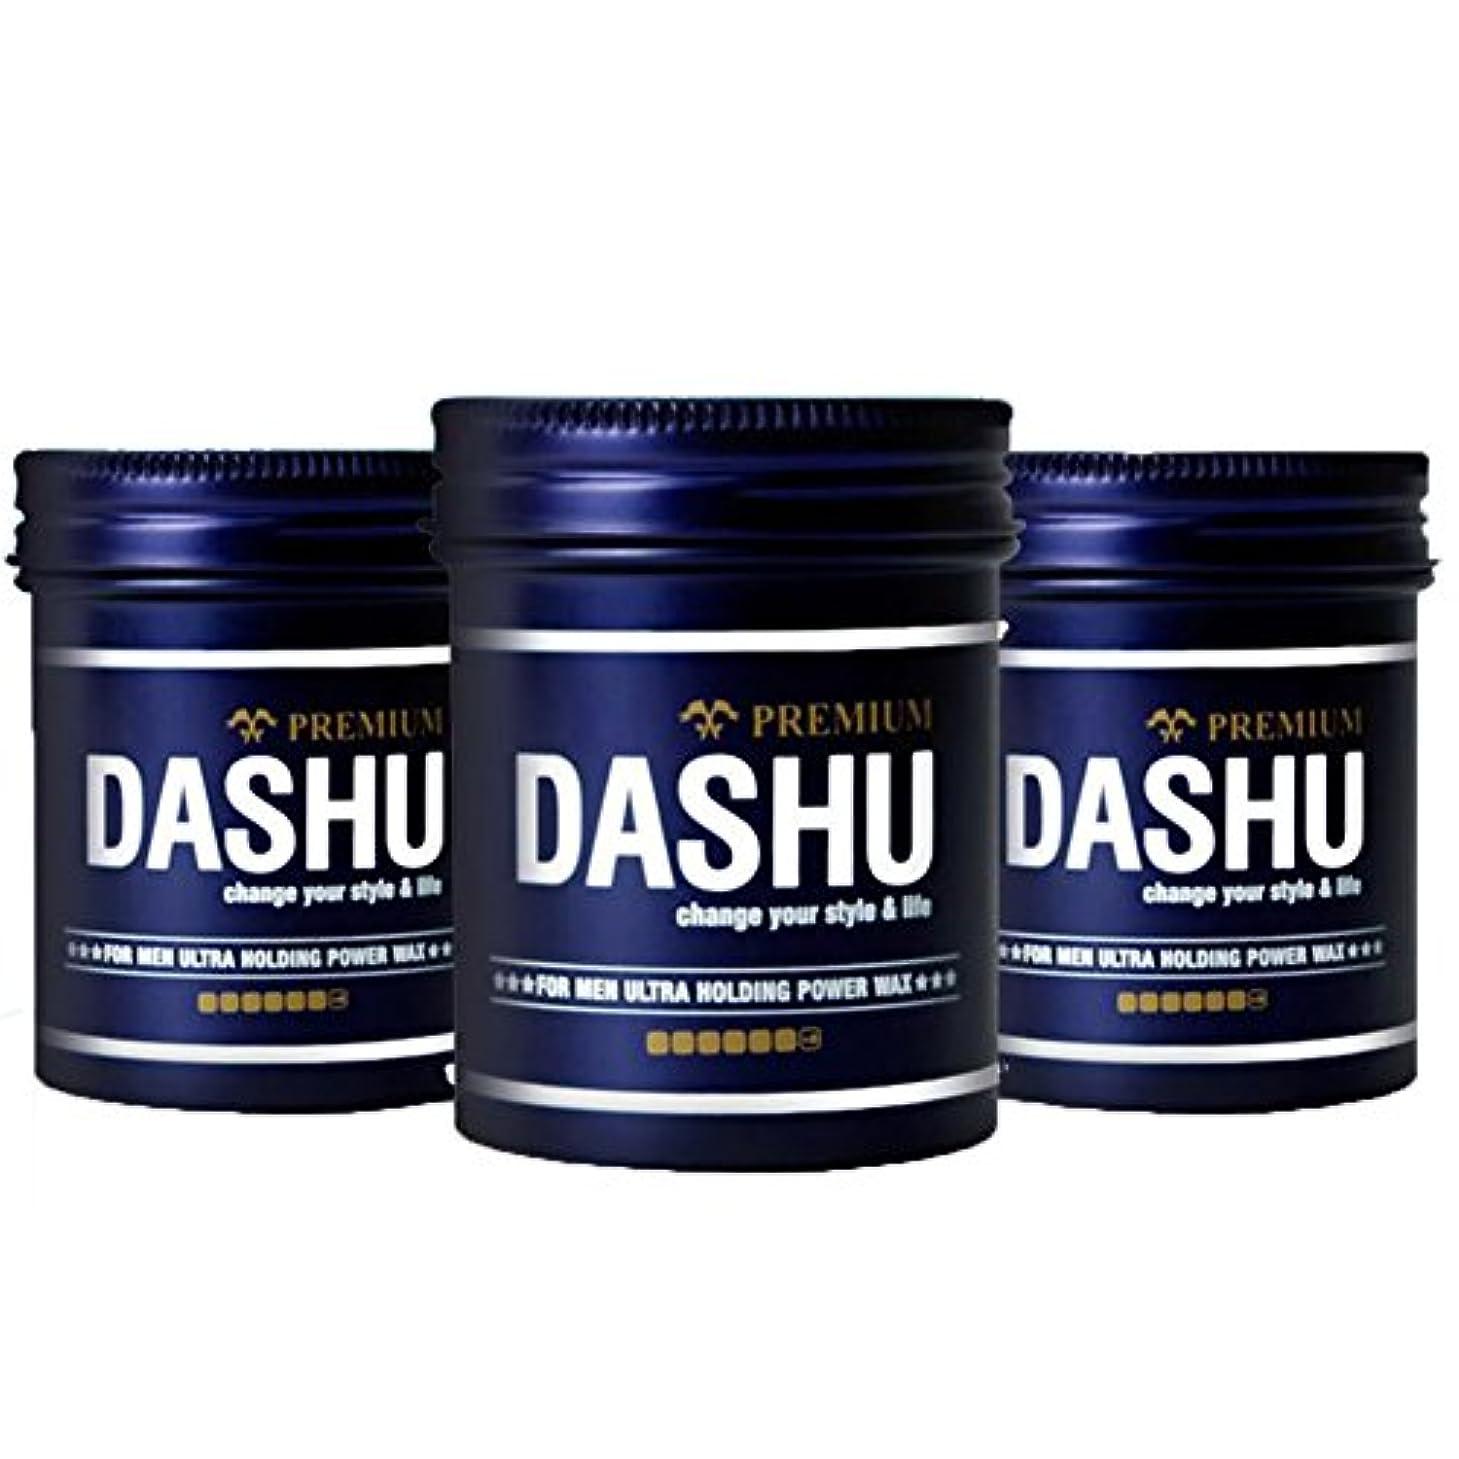 (3個セット) x [DASHU] ダシュ For Men男性用 プレミアムウルトラホールディングパワーワックス Premium Ultra Holding Power Hair Wax 100m l/ 韓国製 . 韓国直送品